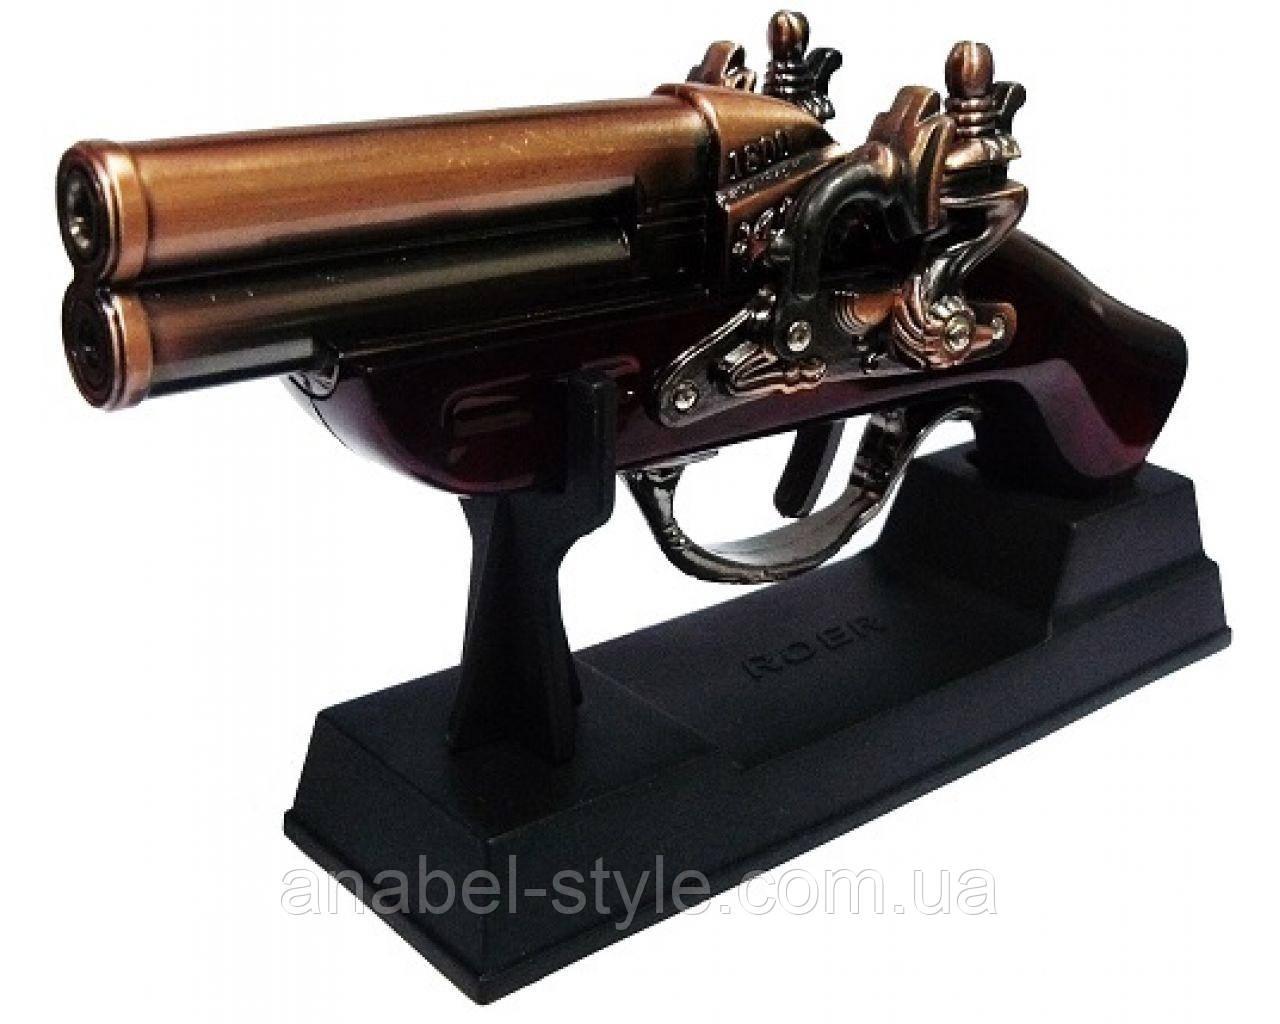 Зажигалка в виде мушкета (мини) №1616 Код 119908